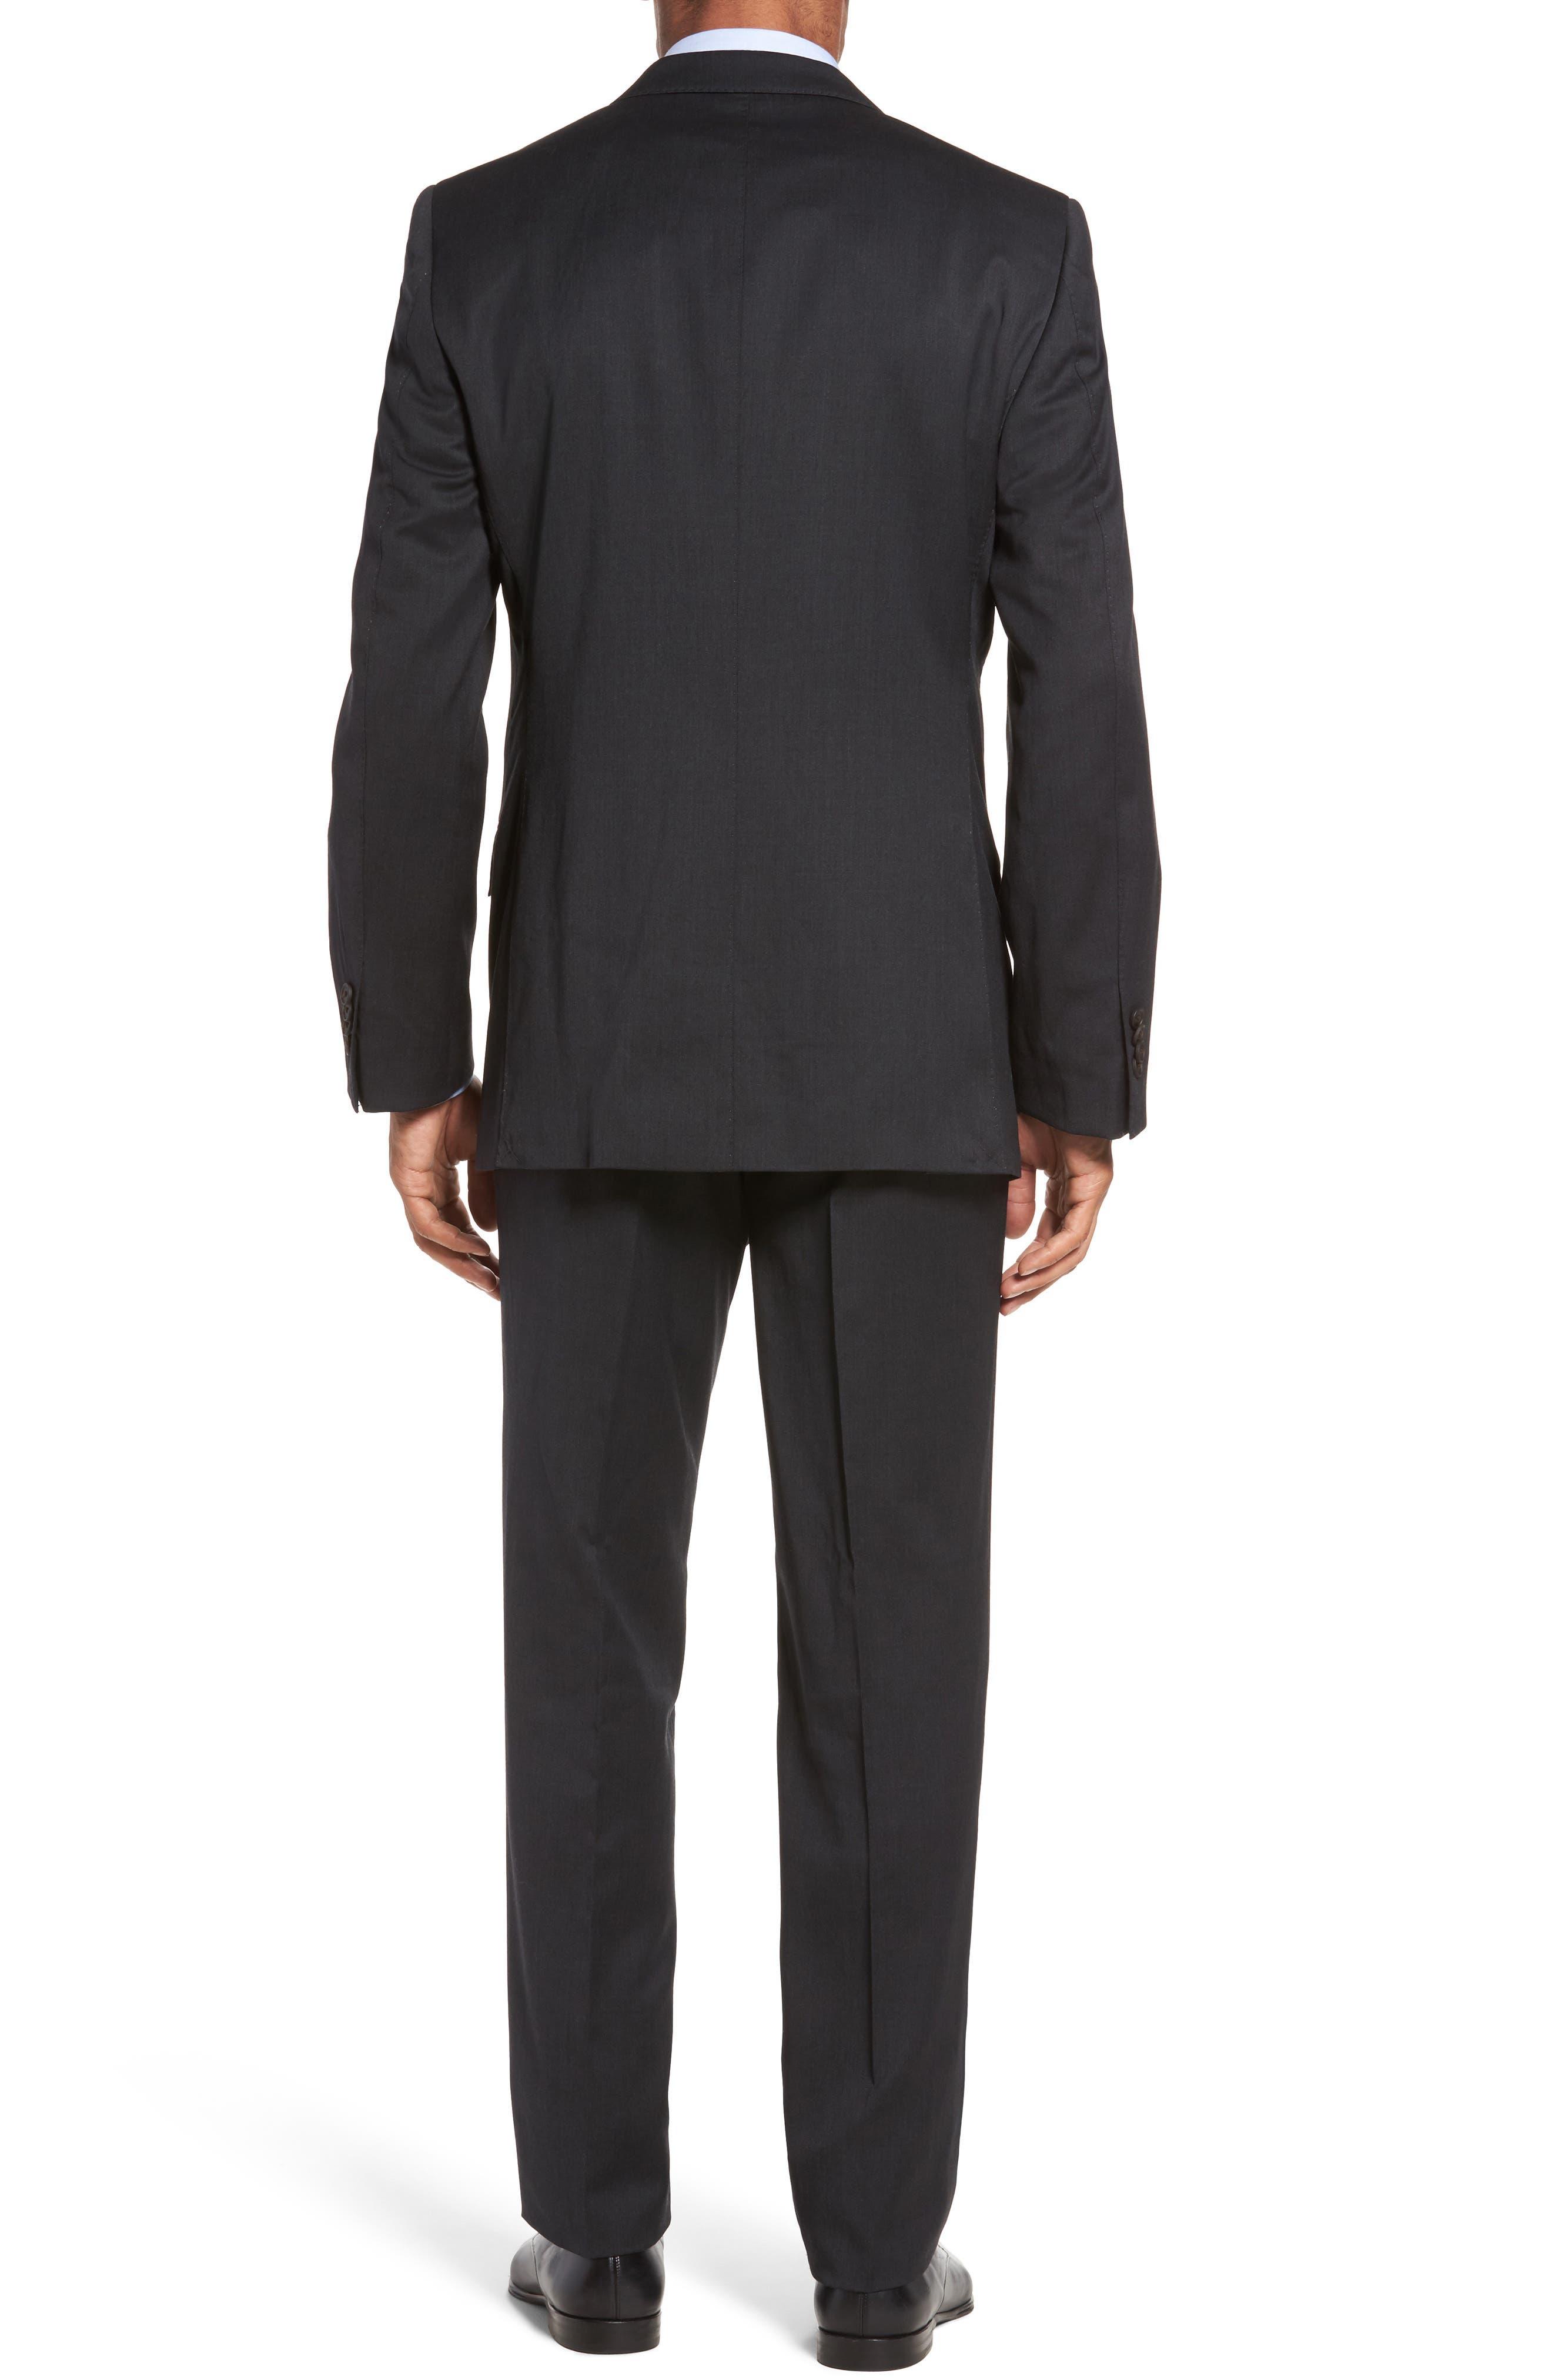 Keidis Aim Classic Fit Stretch Wool Suit,                             Alternate thumbnail 2, color,                             014